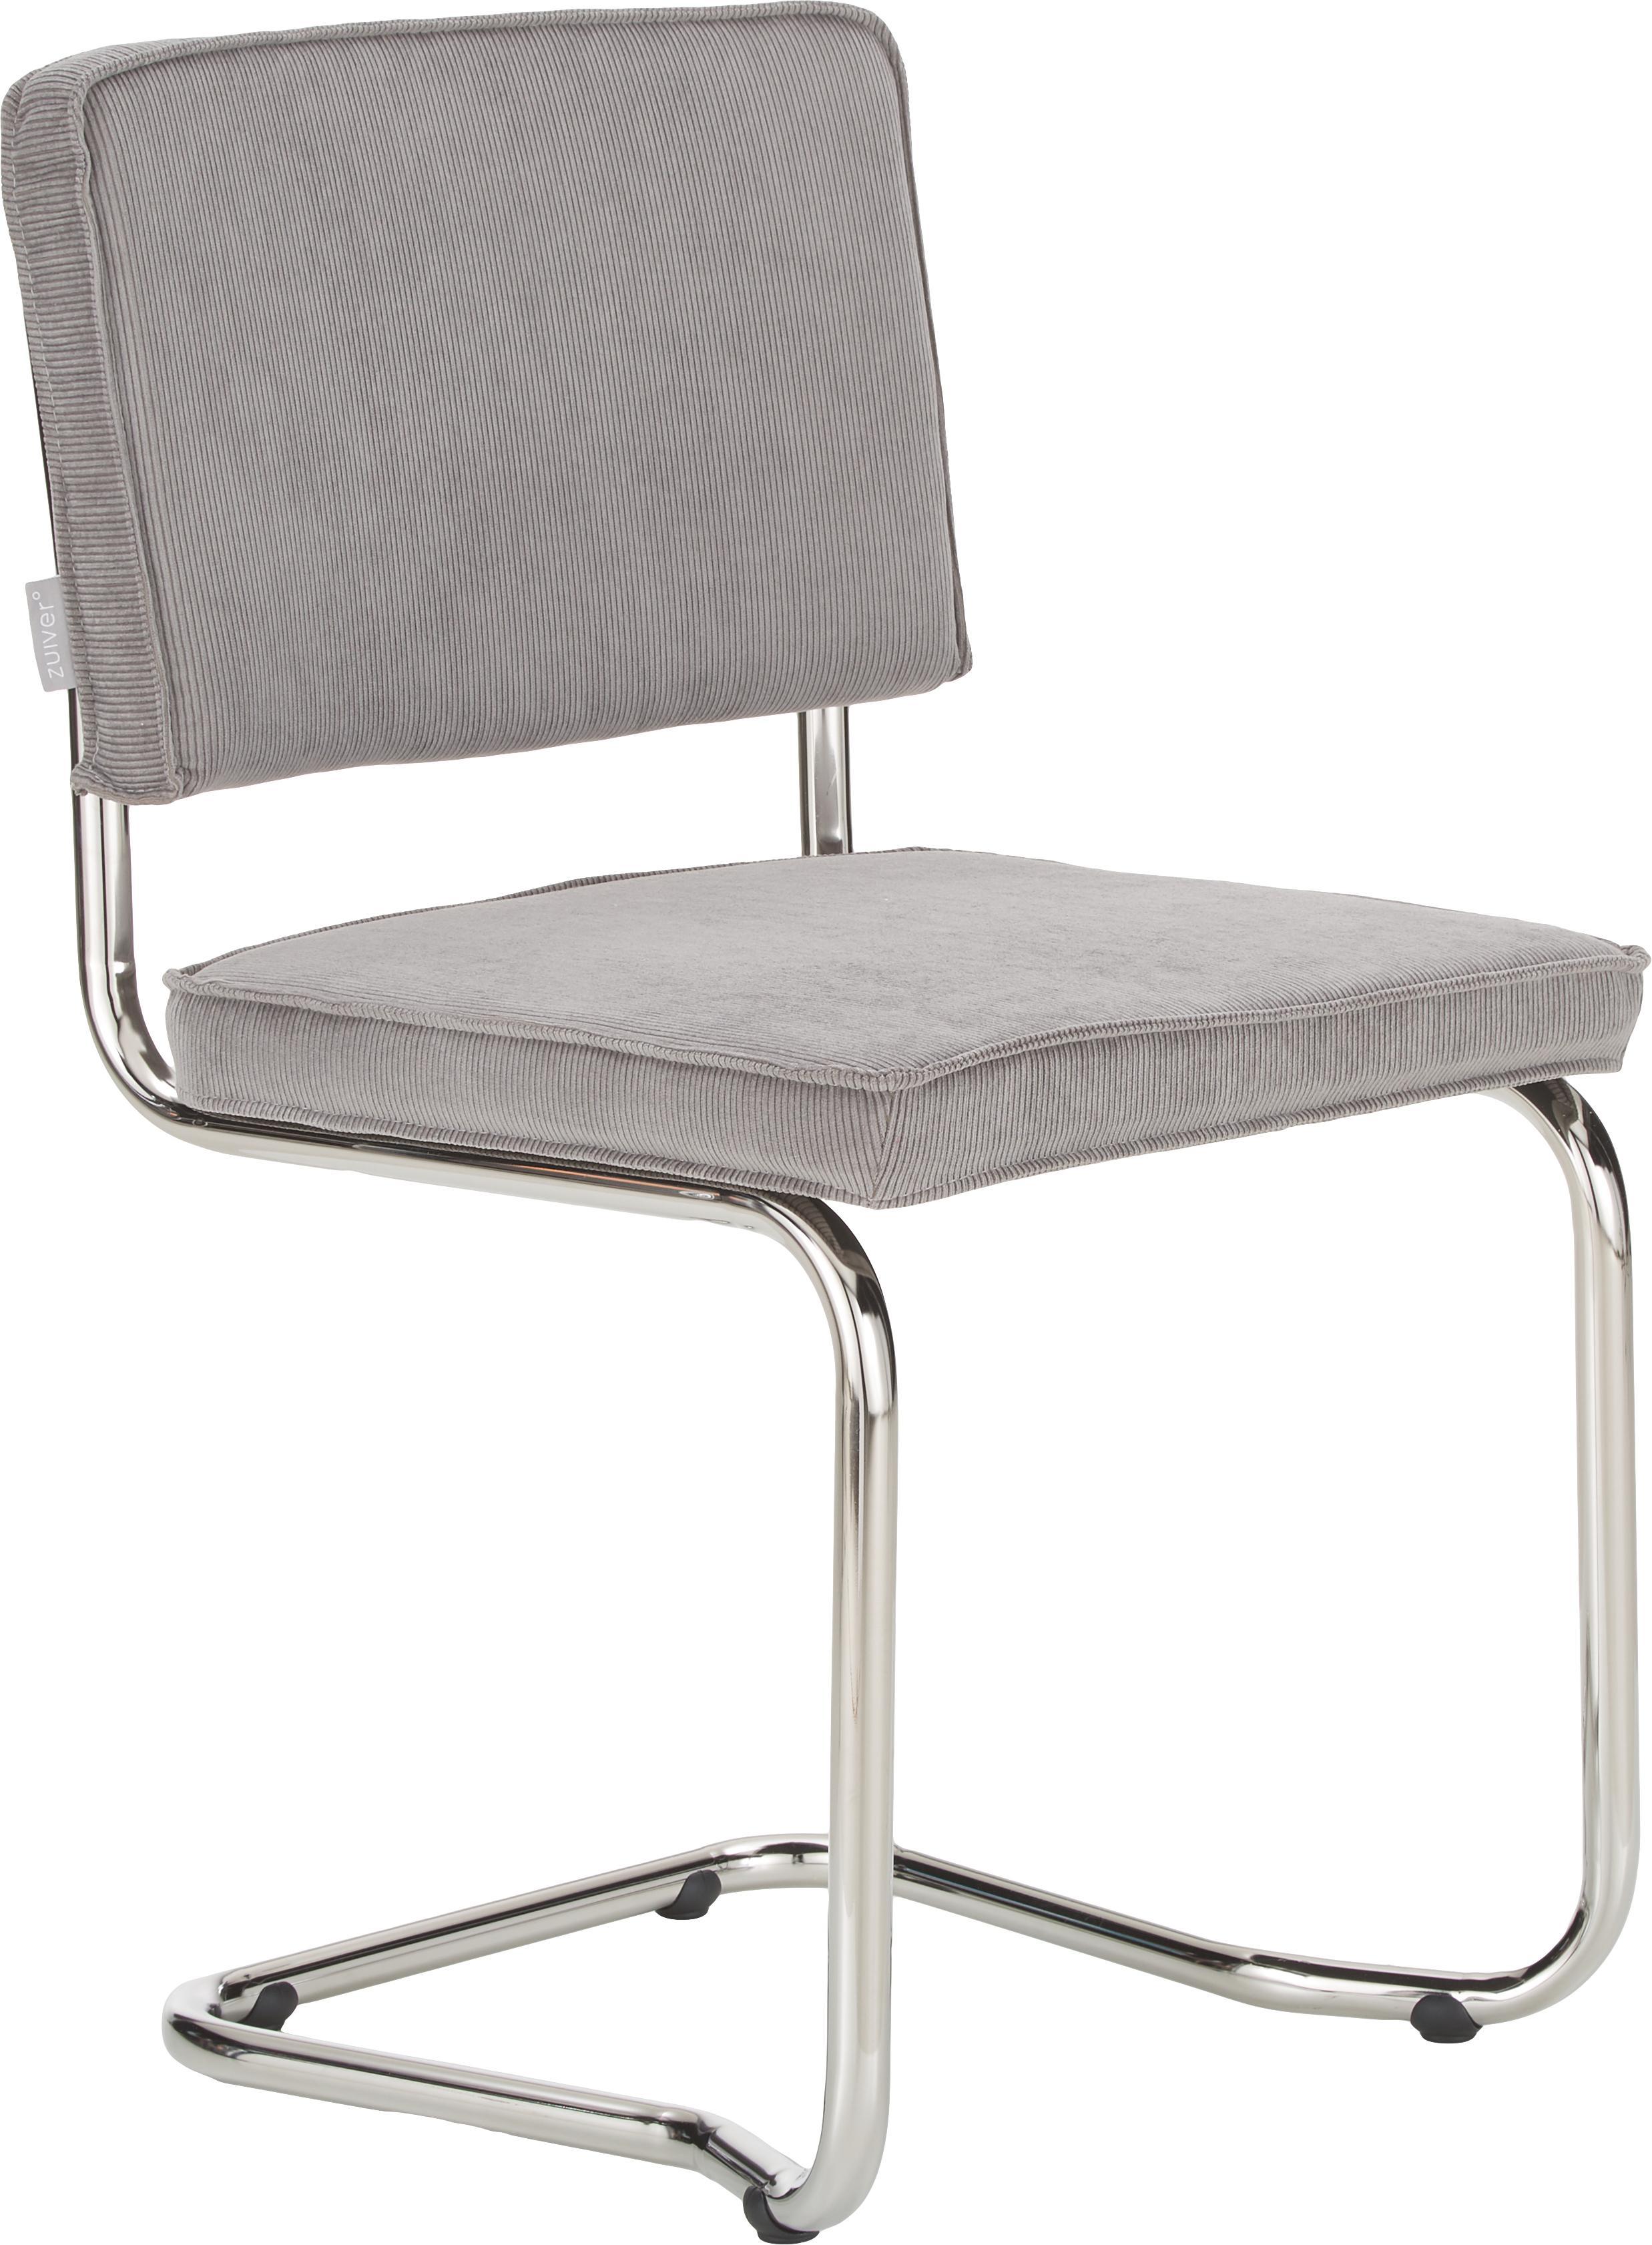 Sedia cantilever Ridge Kink Chair, Rivestimento: 88% nylon, 12% poliestere, Struttura: metallo, cromato Il rives, Grigio chiaro, Larg. 48 x Prof. 48 cm